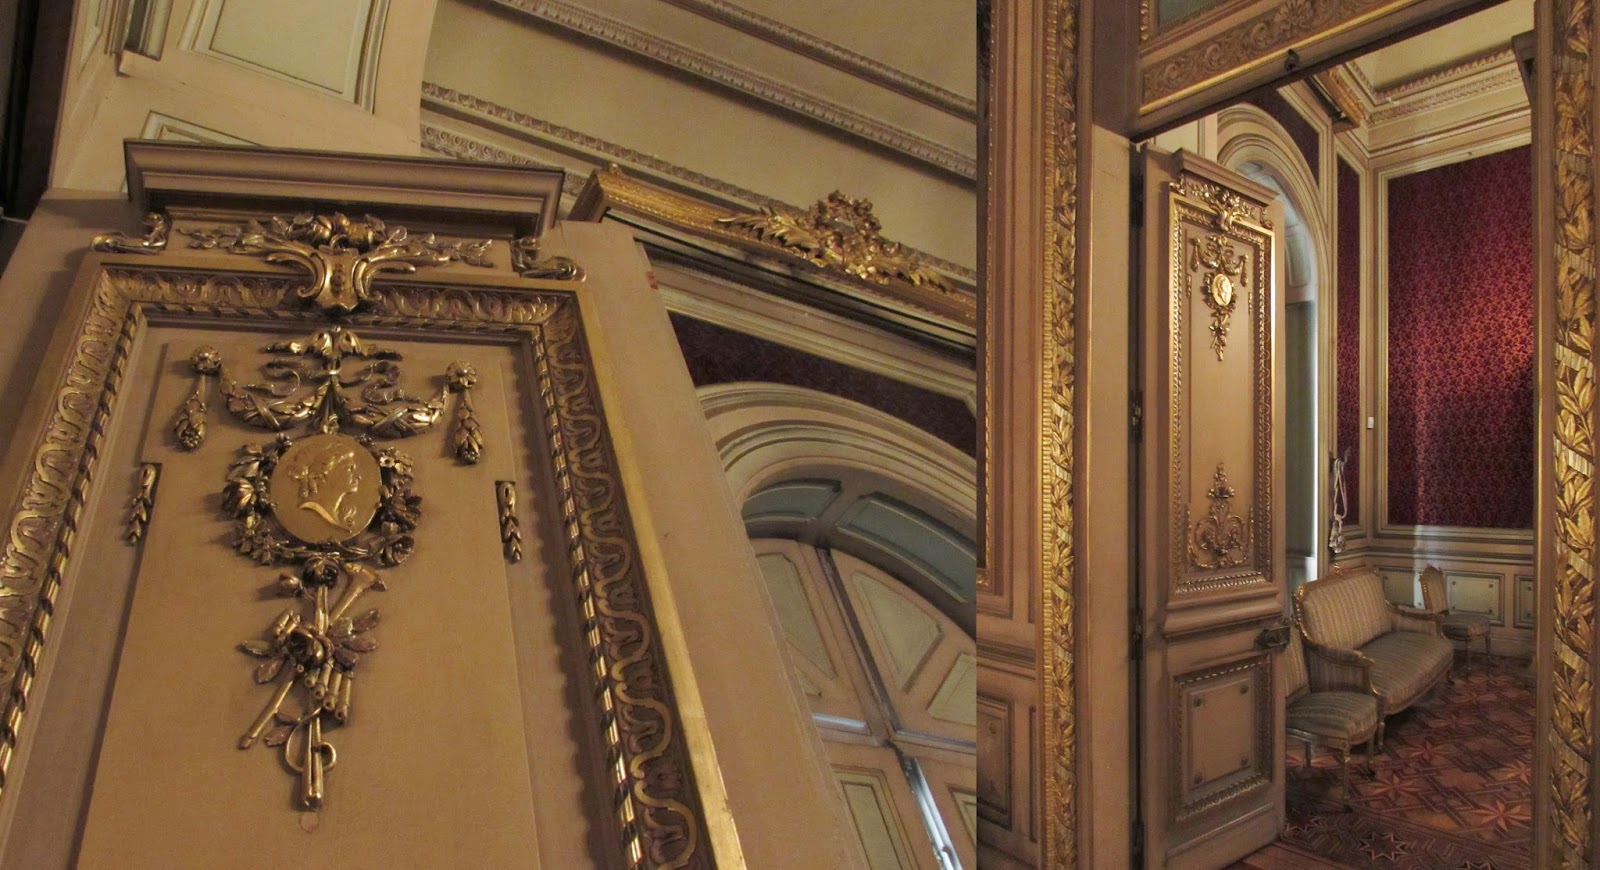 Brugmann conservaci n y restauraci n de objetos de arte el palacio cousi o goyenechea for Quiero ver muebles